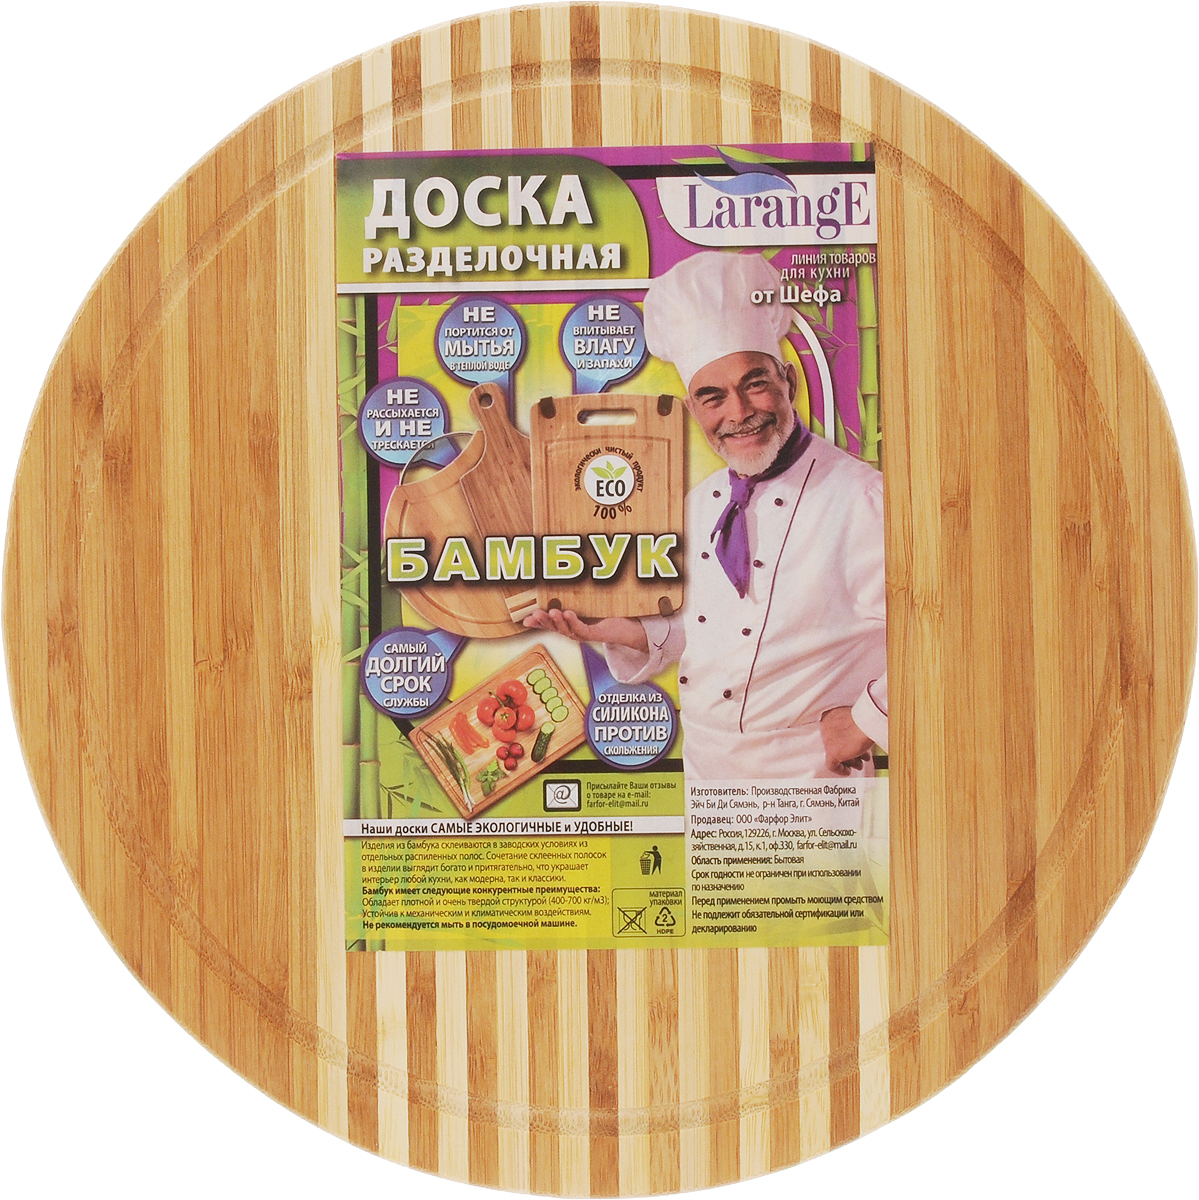 Доска разделочная LarangE От Шефа, 30 х 30 х 1,8 см68/5/4Доска разделочная LarangE От Шефа изготовлена из высококачественного бамбука. Доска предназначена для нарезки продуктов, может служить как подставка для закусок (например, суши). Доска снабжена желобом для стока жидкости. Такая доска станет отличным приобретением для вашей кухни.